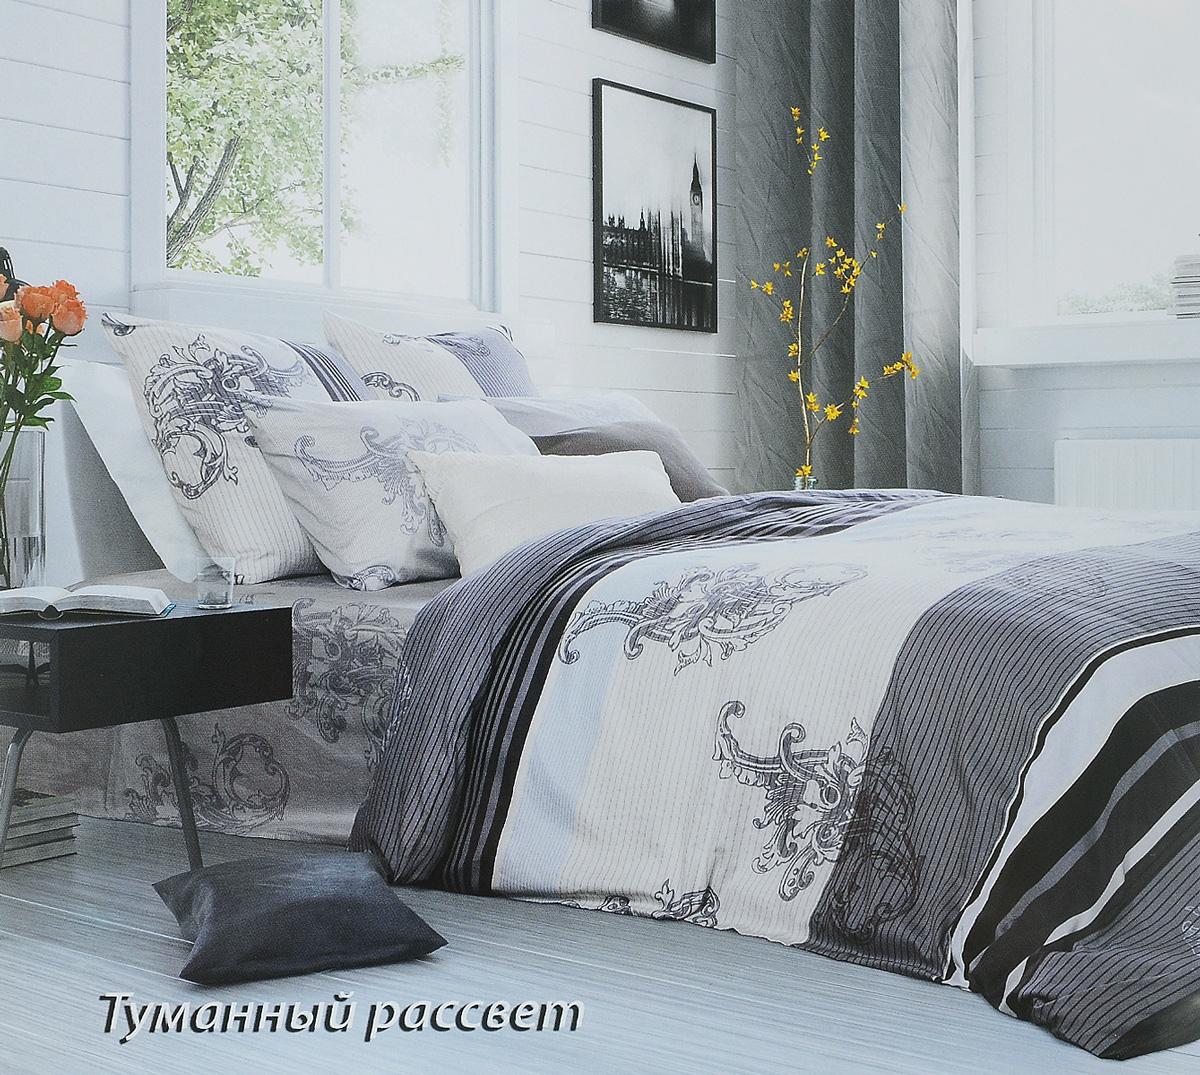 Комплект белья Tiffanys Secret Туманный рассвет, евро, наволочки 50х70, цвет: серый, белый86767Комплект постельного белья Tiffanys Secret Туманный рассвет является экологически безопасным для всей семьи, так как выполнен из сатина (100% хлопок). Комплект состоит из пододеяльника, простыни и двух наволочек. Предметы комплекта оформлены оригинальным рисунком.Благодаря такому комплекту постельного белья вы сможете создать атмосферу уюта и комфорта в вашей спальне.Сатин - это ткань, навсегда покорившая сердца человечества. Ценившие роскошь персы называли ее атлас, а искушенные в прекрасном французы - сатин. Секрет высококачественного сатина в безупречности всего технологического процесса. Эту благородную ткань делают только из отборной натуральной пряжи, которую получают из самого лучшего тонковолокнистого хлопка. Благодаря использованию самой тонкой хлопковой нити получается необычайно мягкое и нежное полотно. Сатиновое постельное белье превращает жаркие летние ночи в прохладные и освежающие, а холодные зимние - в теплые и согревающие. Сатин очень приятен на ощупь, постельное белье из него долговечно, выдерживает более 300 стирок, и лишь спустя долгое время материал начинает немного тускнеть. Оцените все достоинства постельного белья из сатина, выбирая самое лучшее для себя!